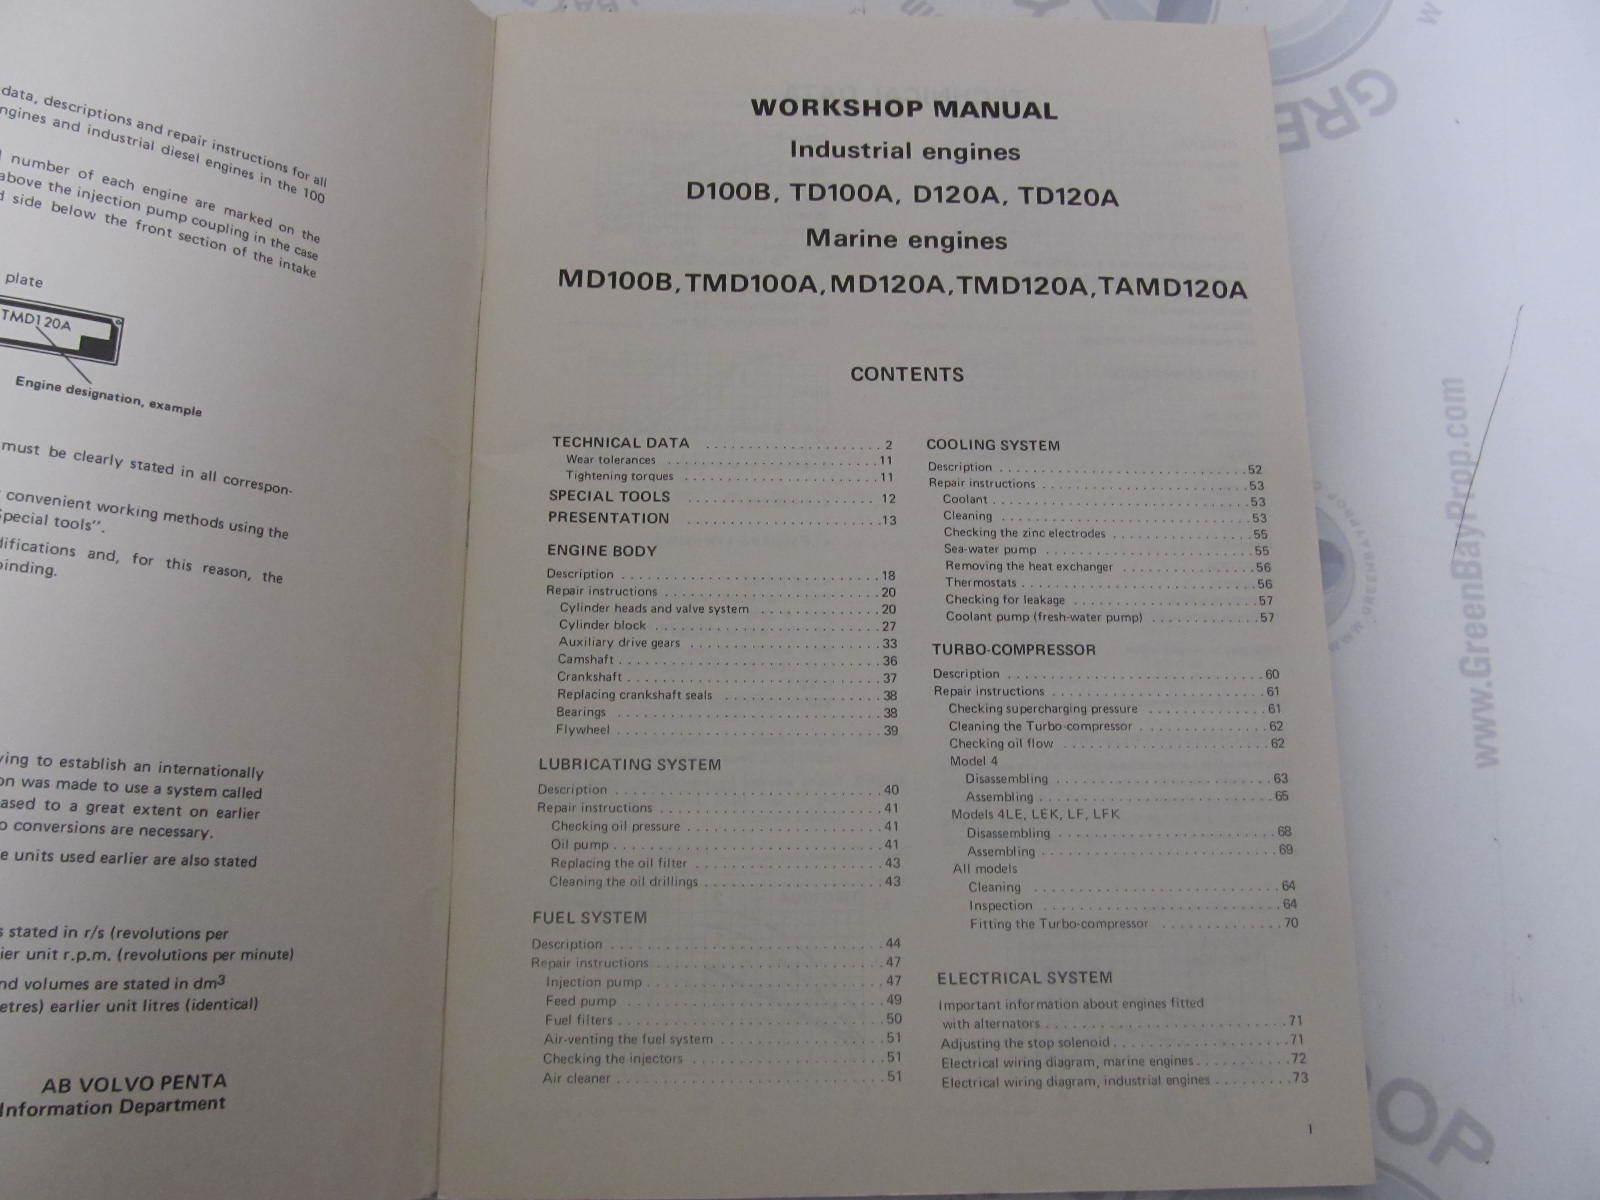 ... 2826 Volvo Penta Workshop Manual 100 & 120 Series Diesel Engines 1974